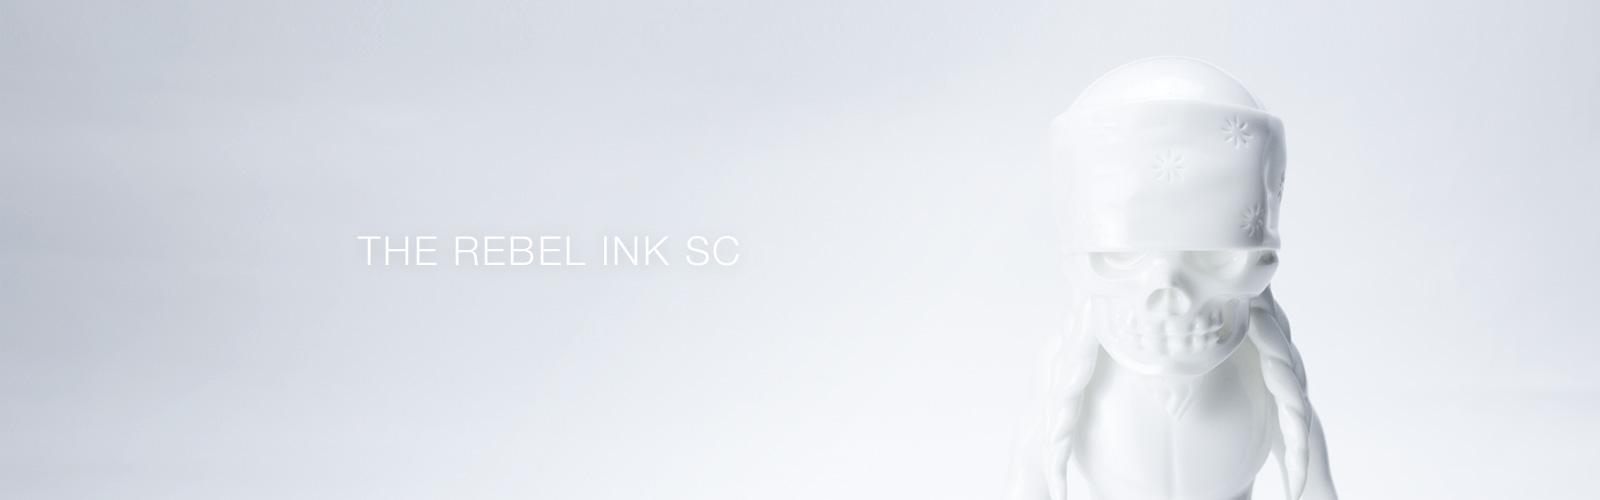 THE REBEL INK SC